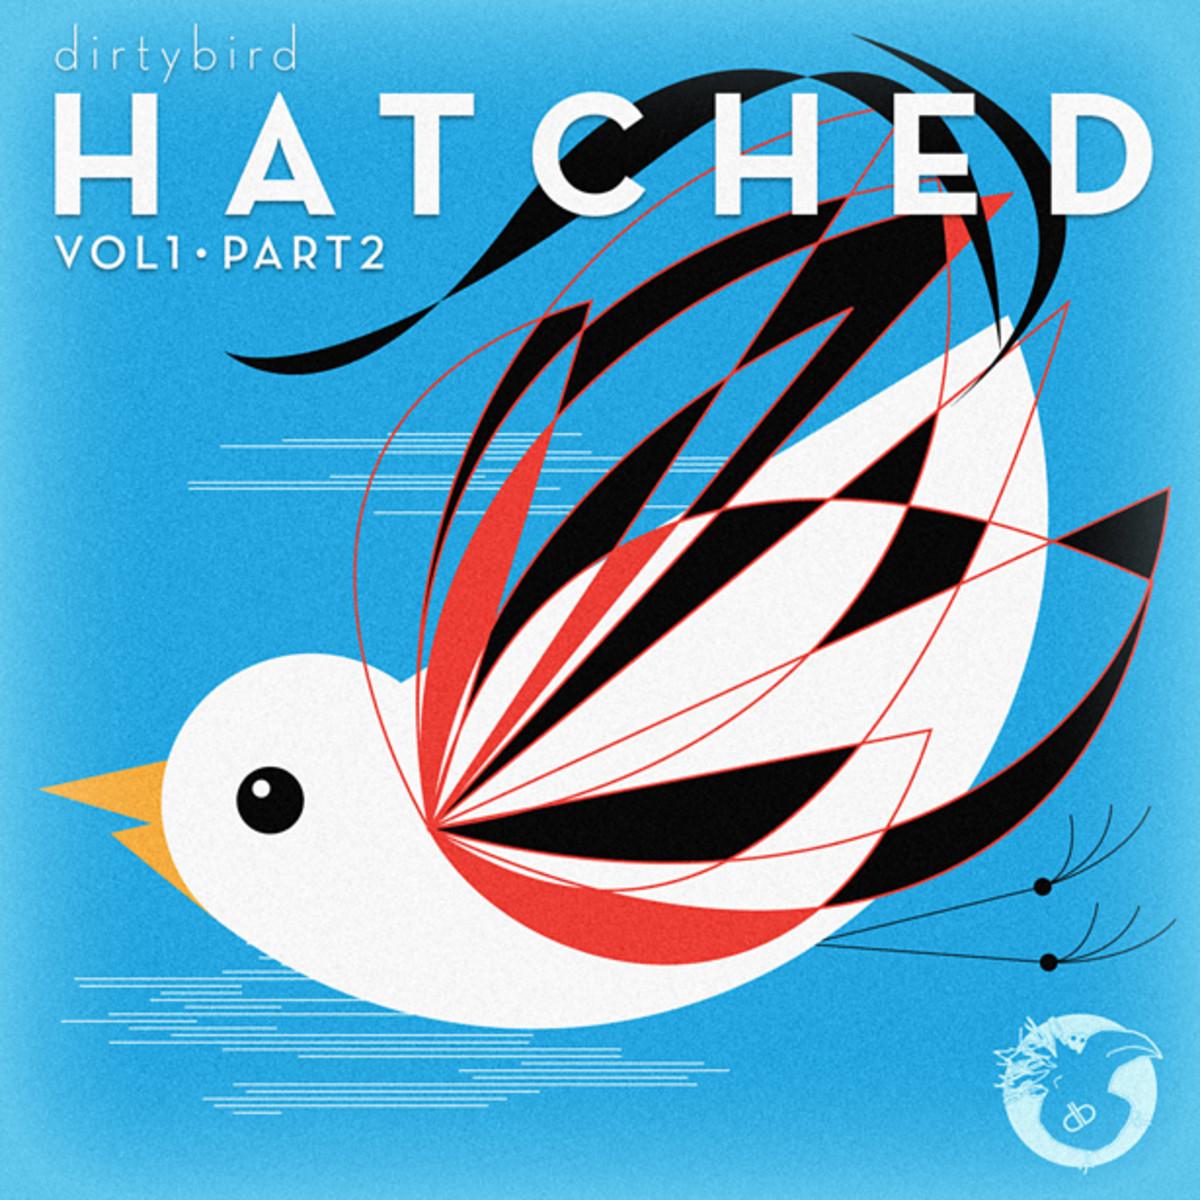 Hatched_Vol1_Part2